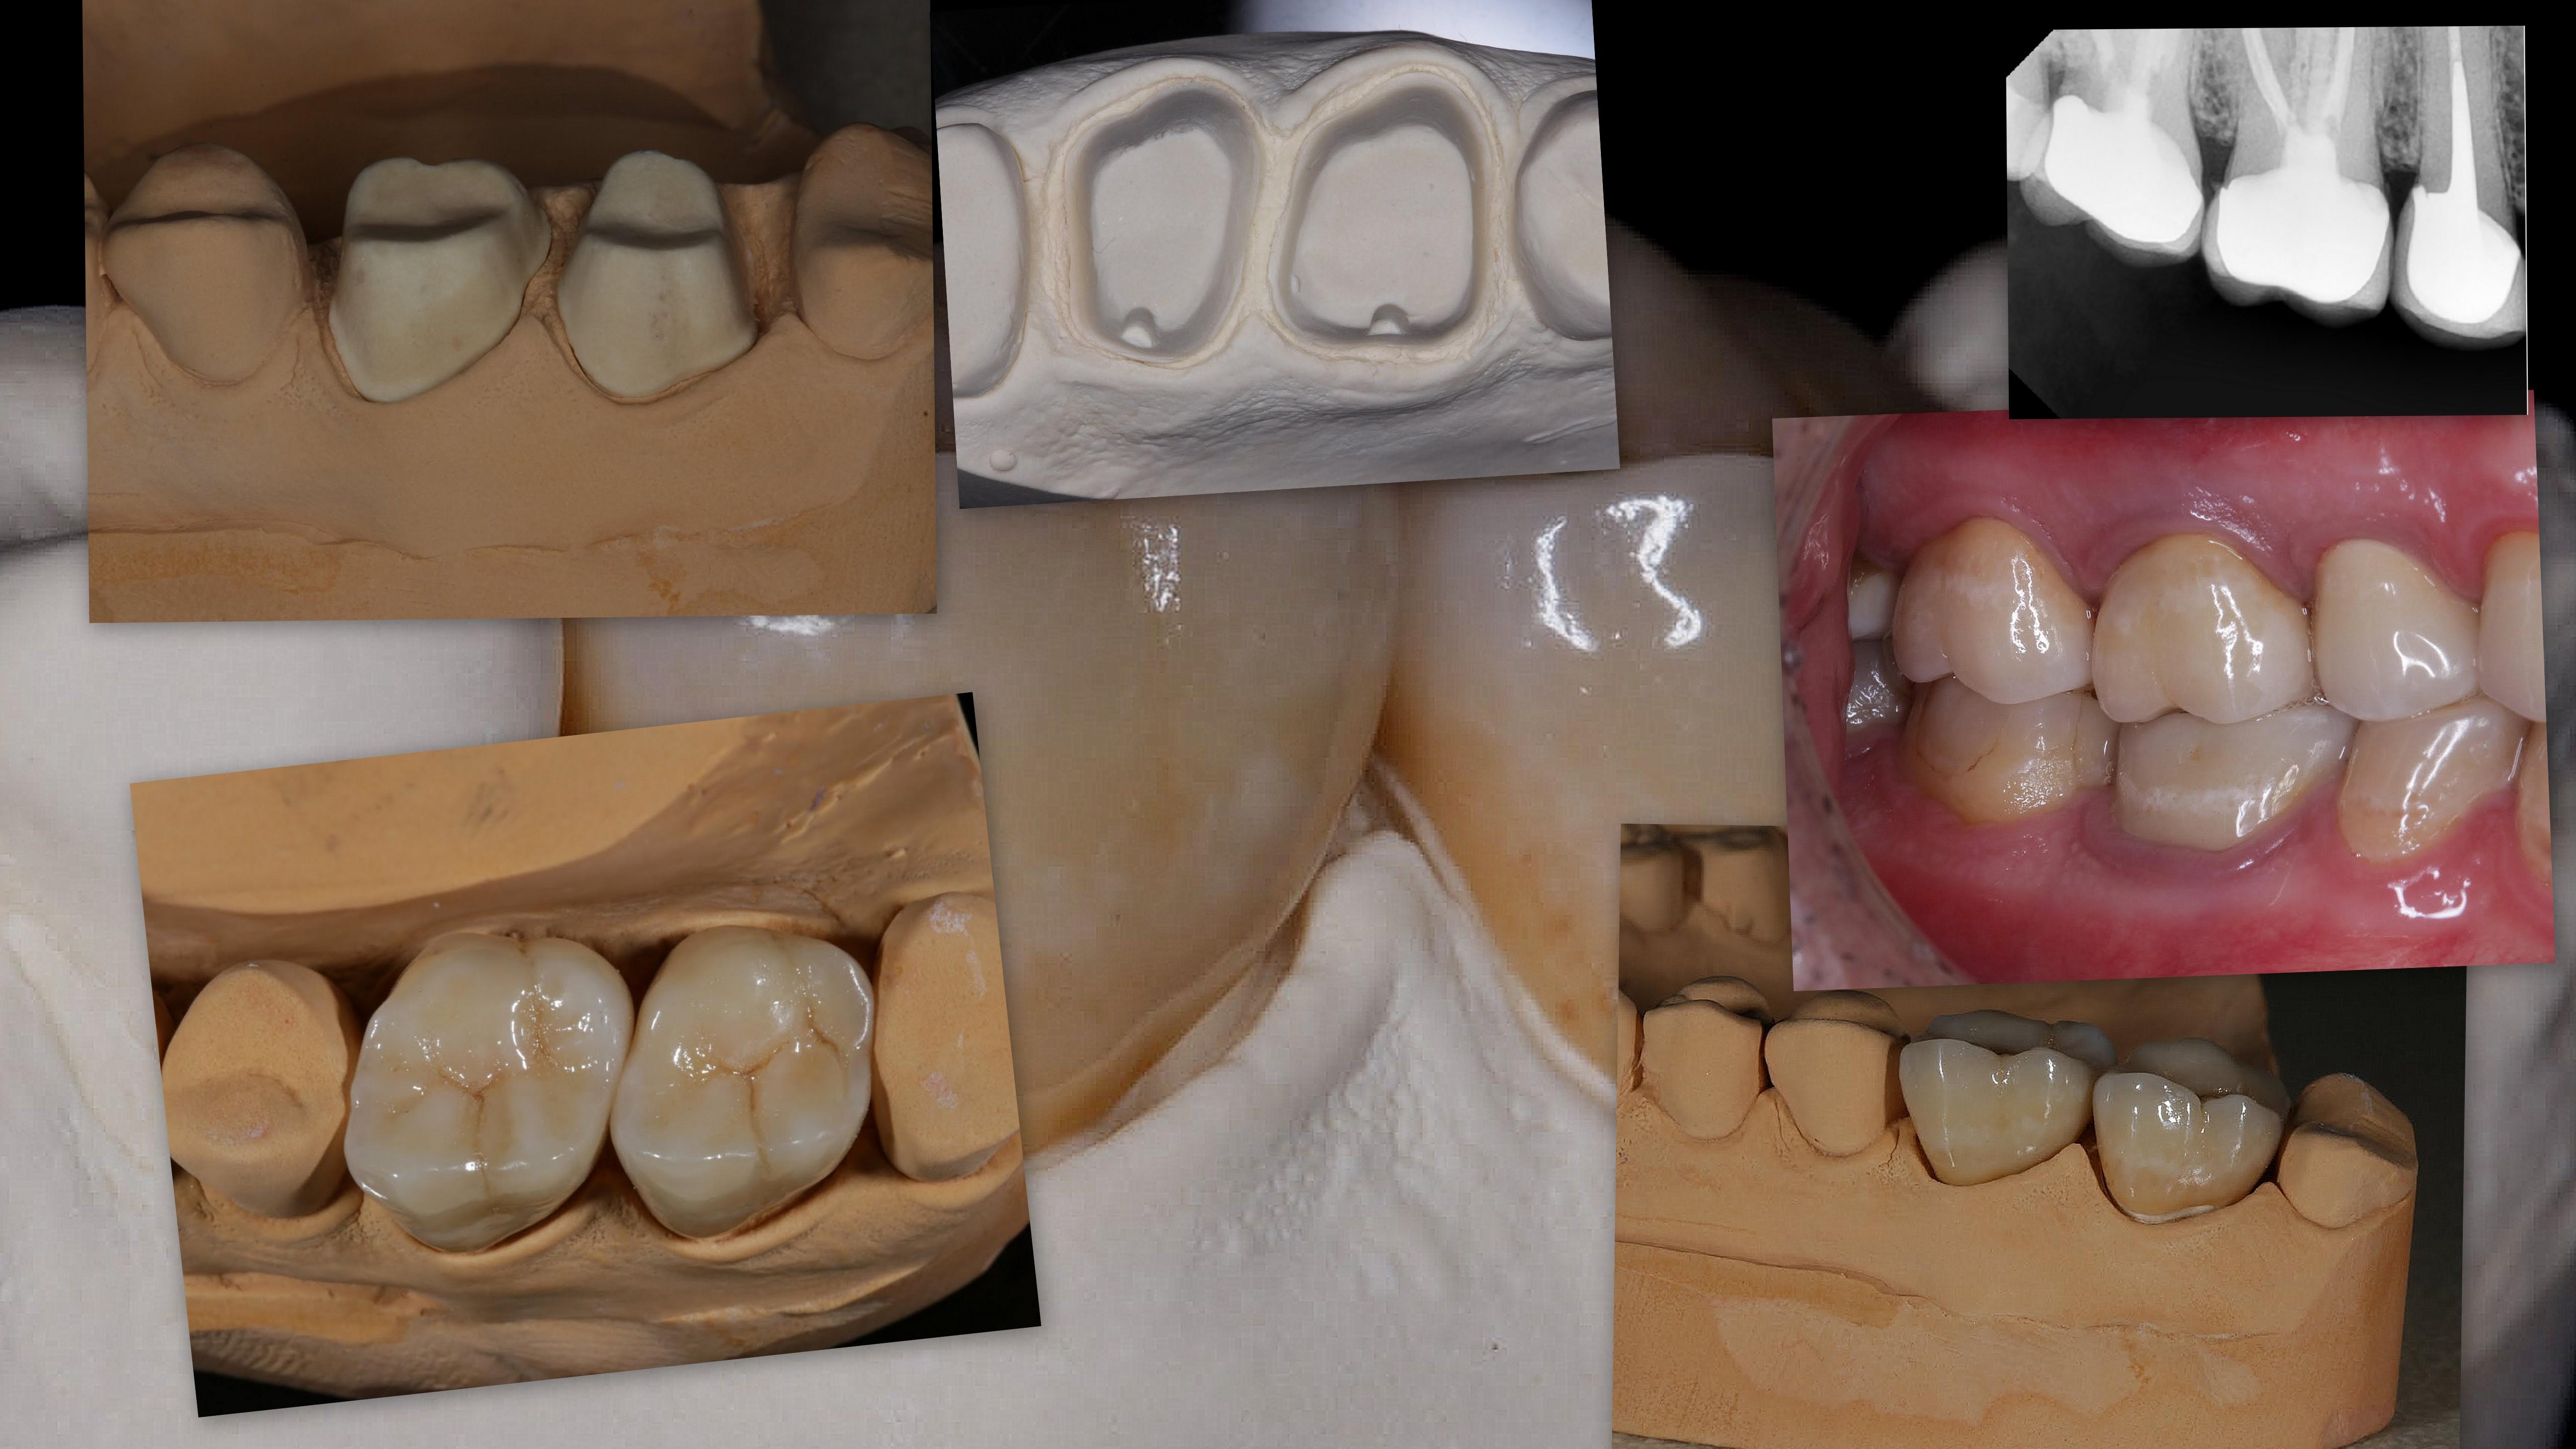 Протезирование моляров верхней челюсти коронками на основе диоксида циркония